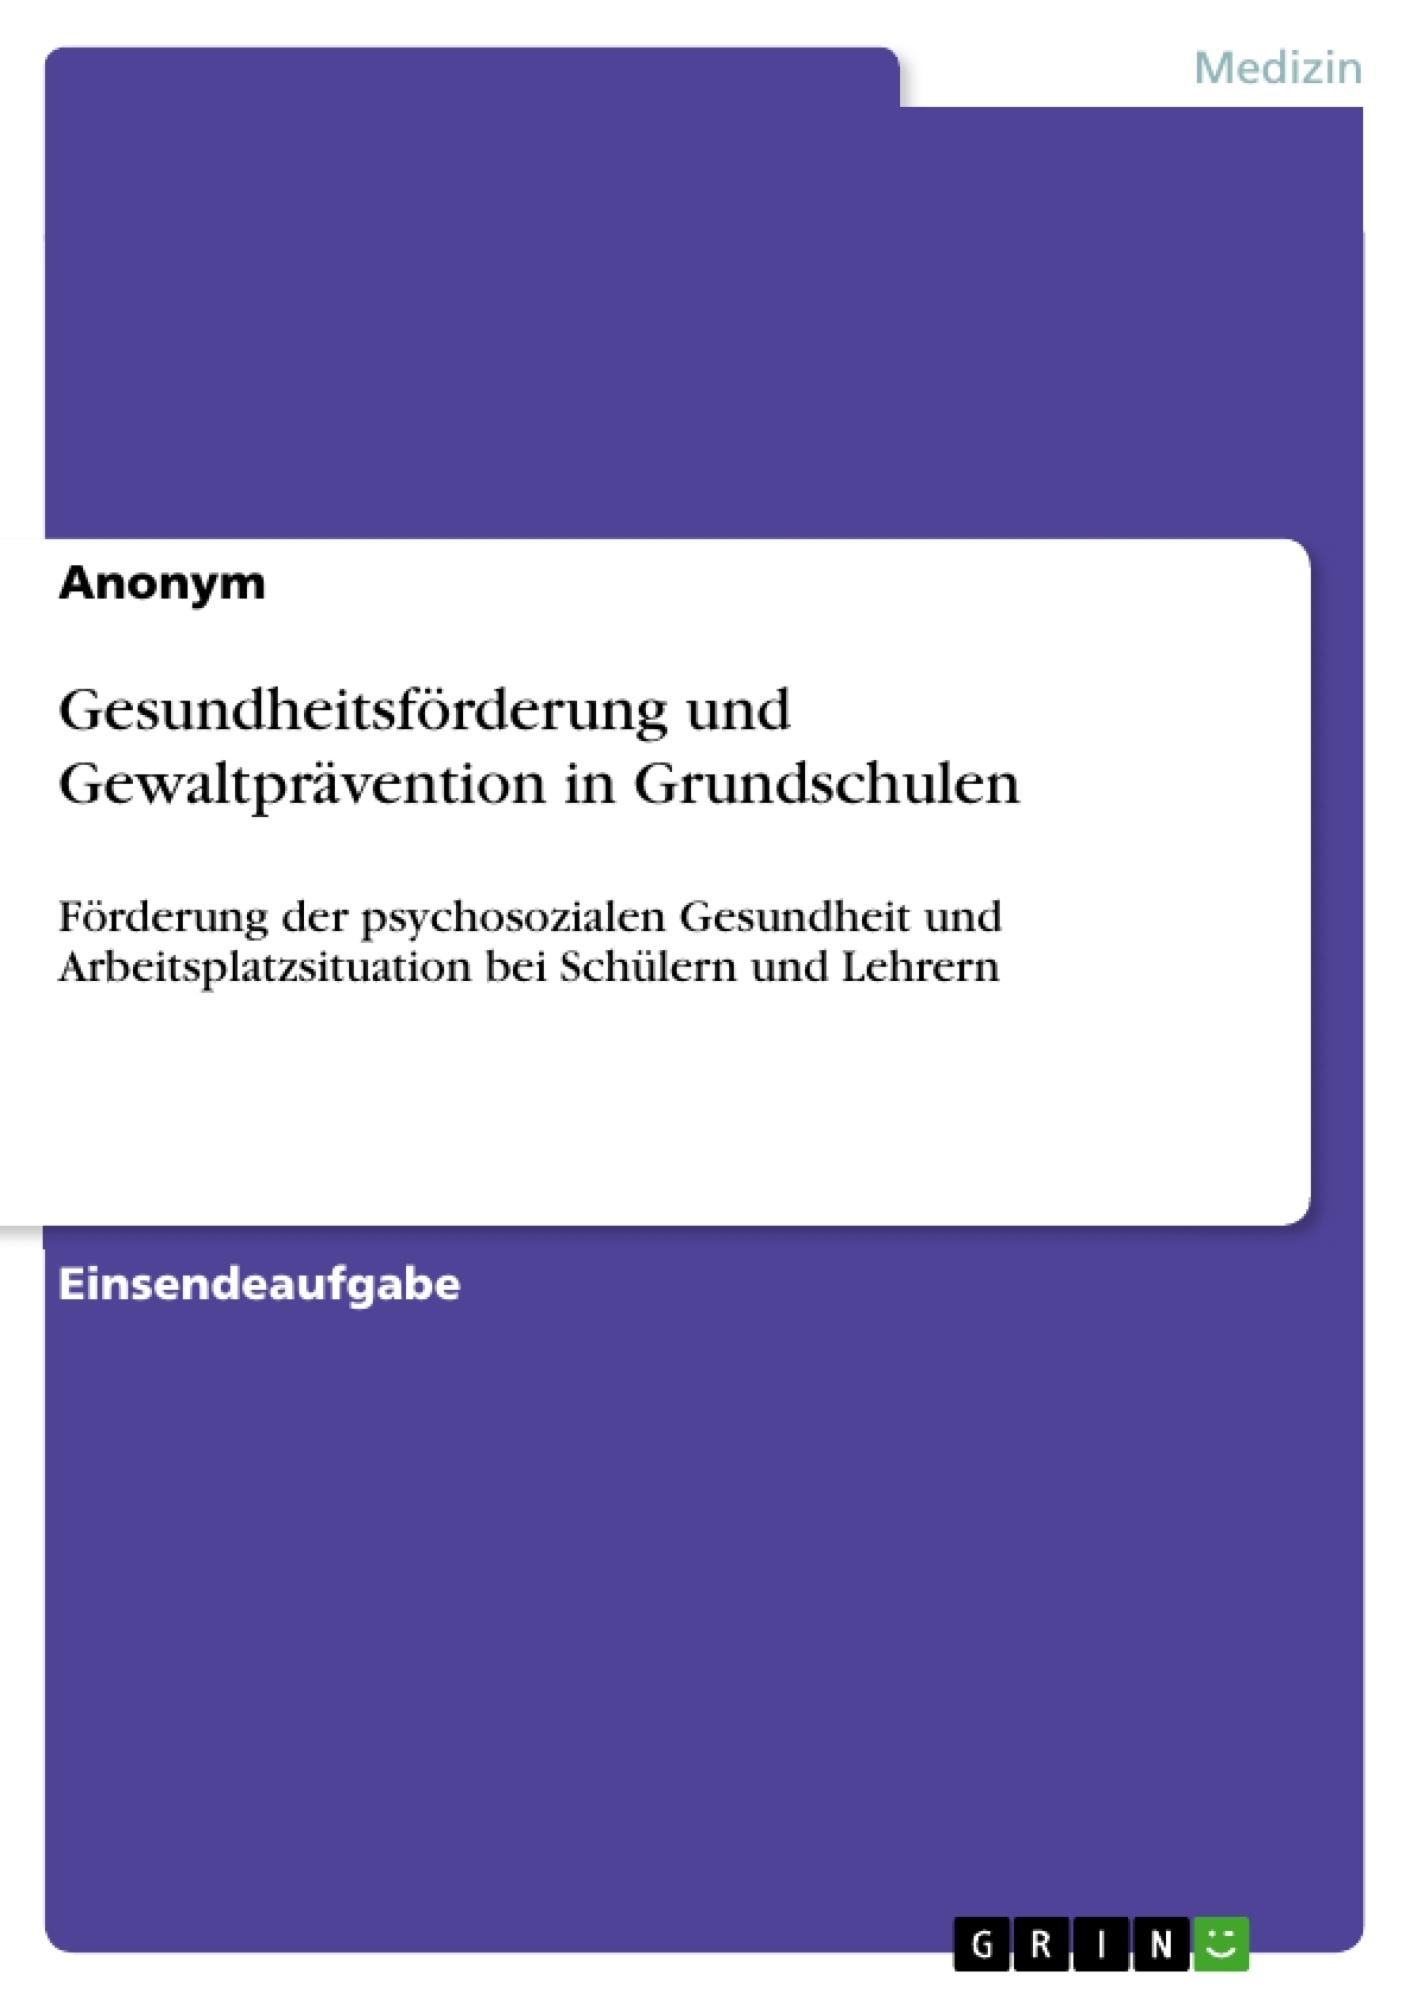 Titel: Gesundheitsförderung und Gewaltprävention in Grundschulen